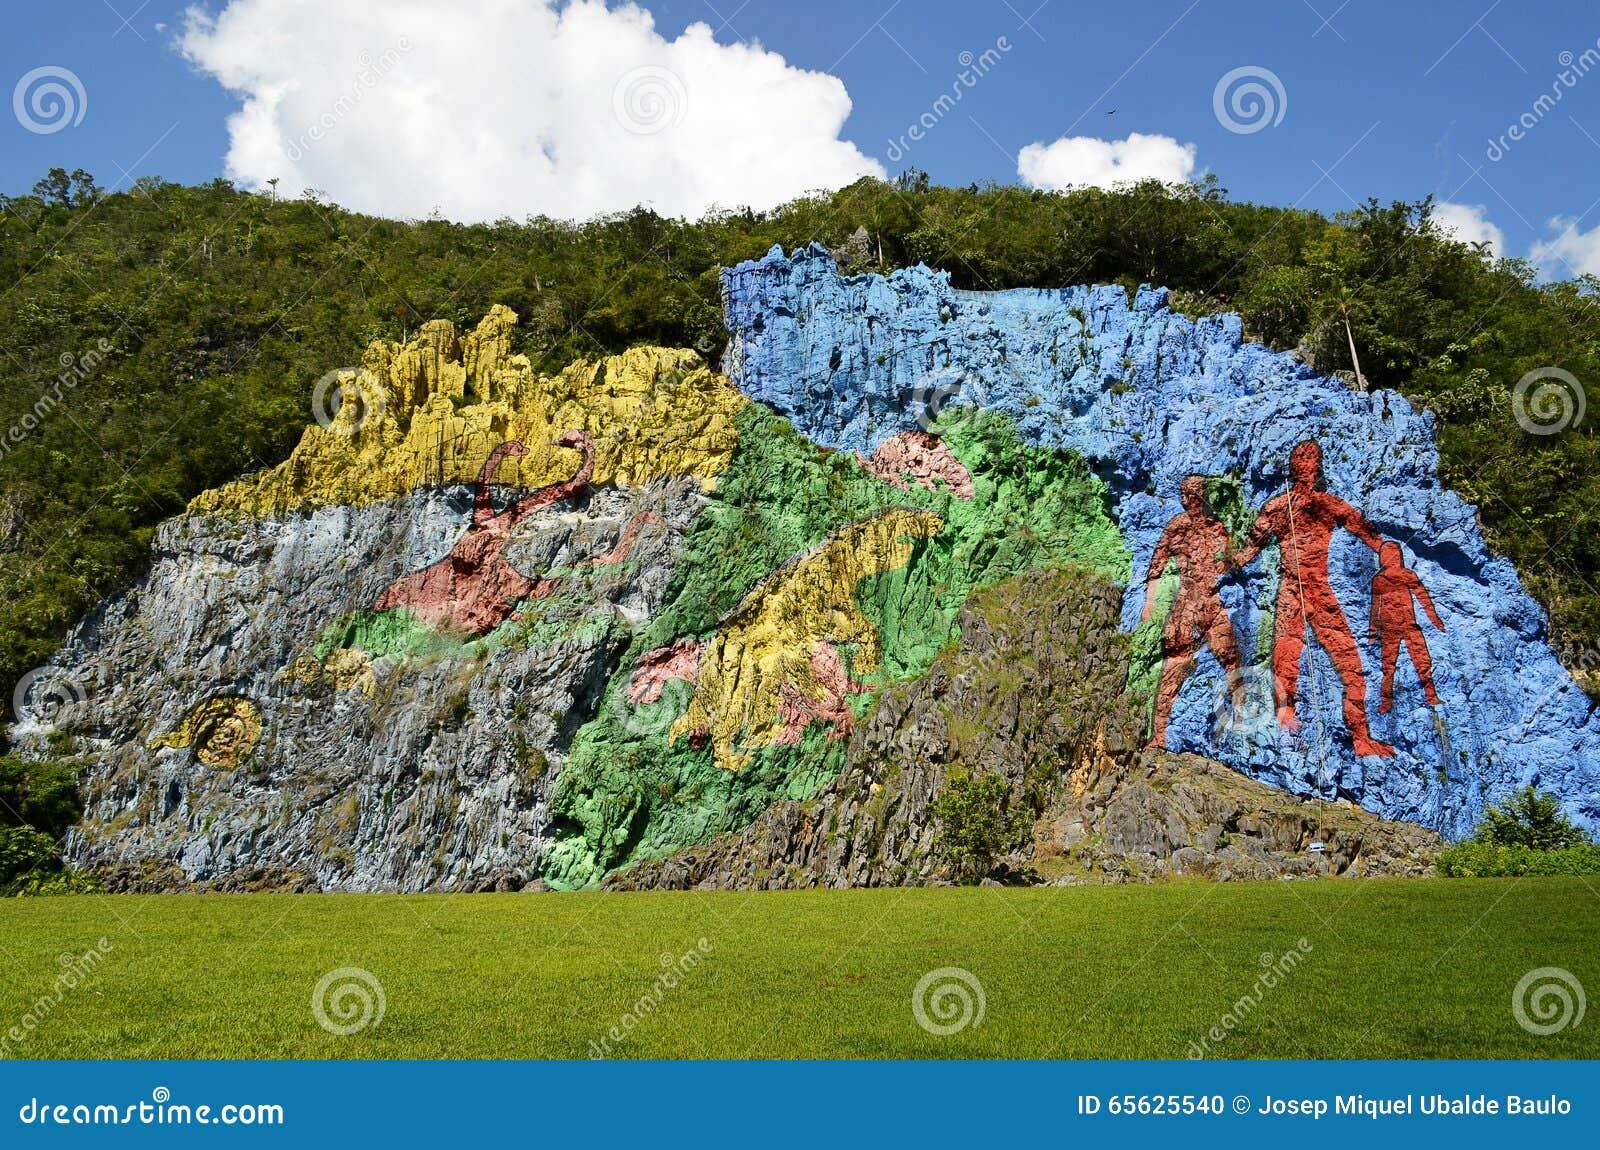 Peinture murale de préhistoire en vallée de Viñales (Pinar del Rio, Cuba)